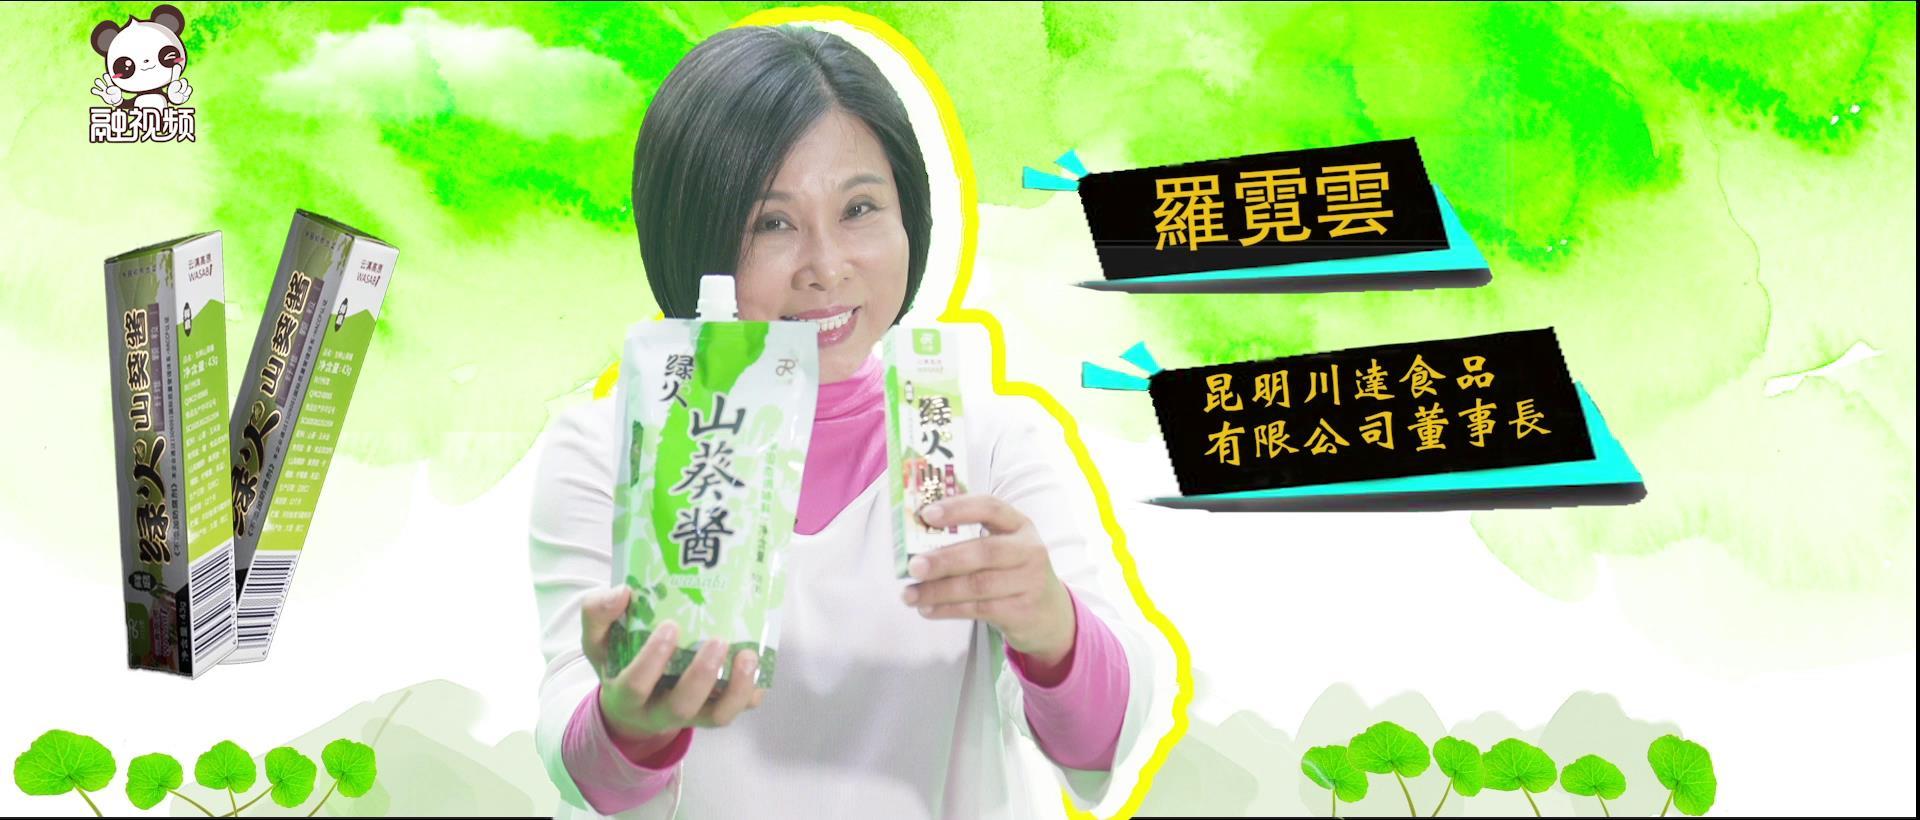 """女台商深耕云南19年 """"绿人参""""走向世界图片"""